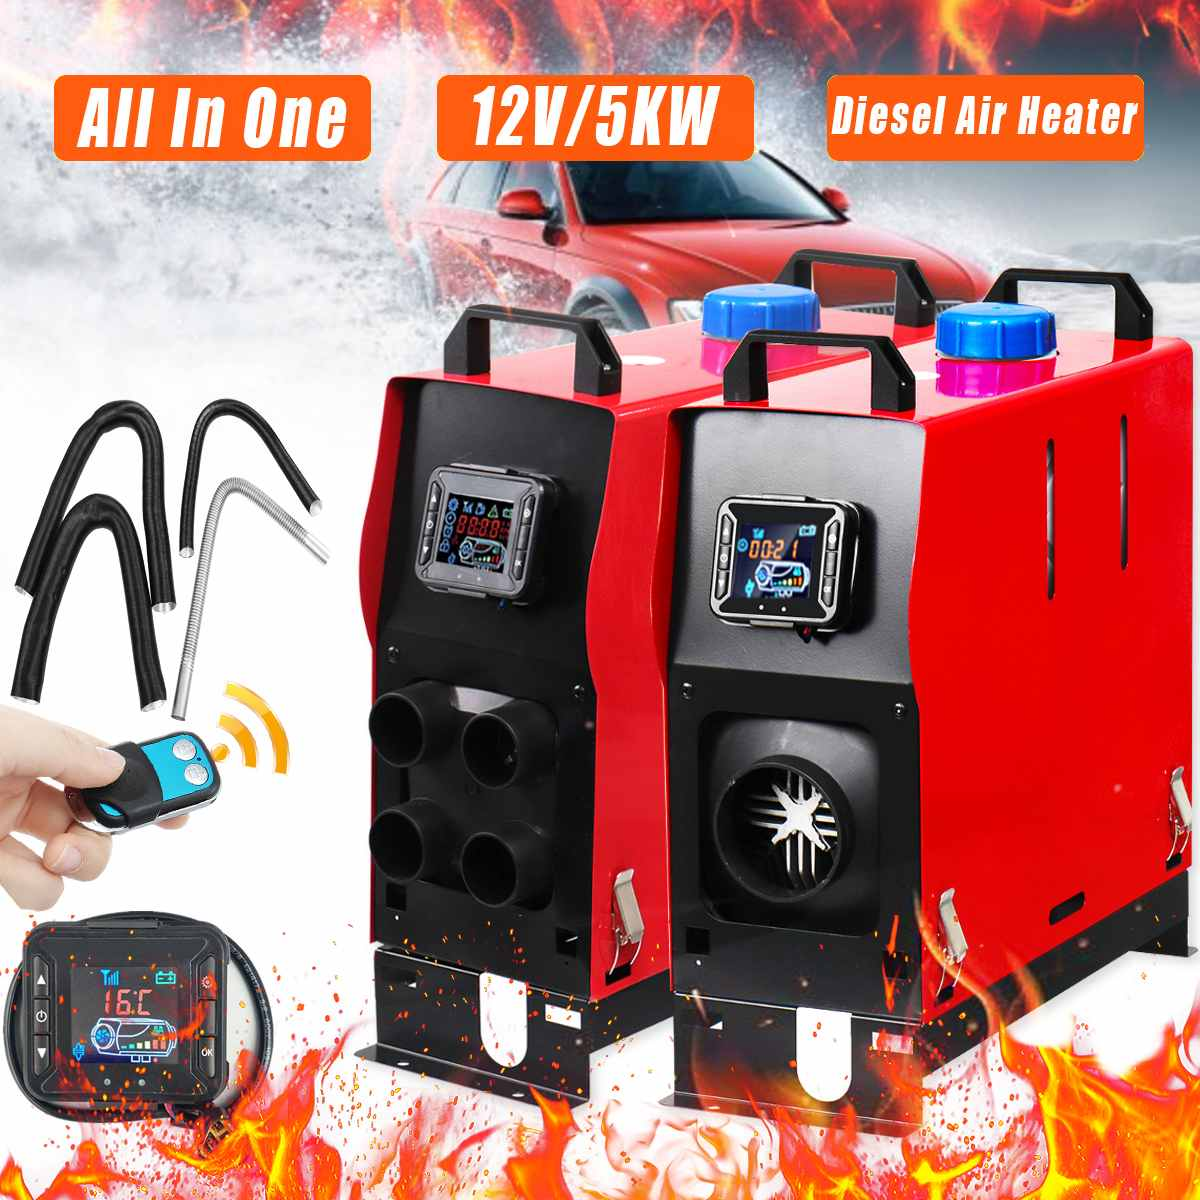 Tout En 1 LCD 1/4 Trous Diesel réchauffeur d'air 12 V 5KW PLANAIRE pour la voiture Camions Remorque Avec télécommande Moniteur À Faible Bruit automatique